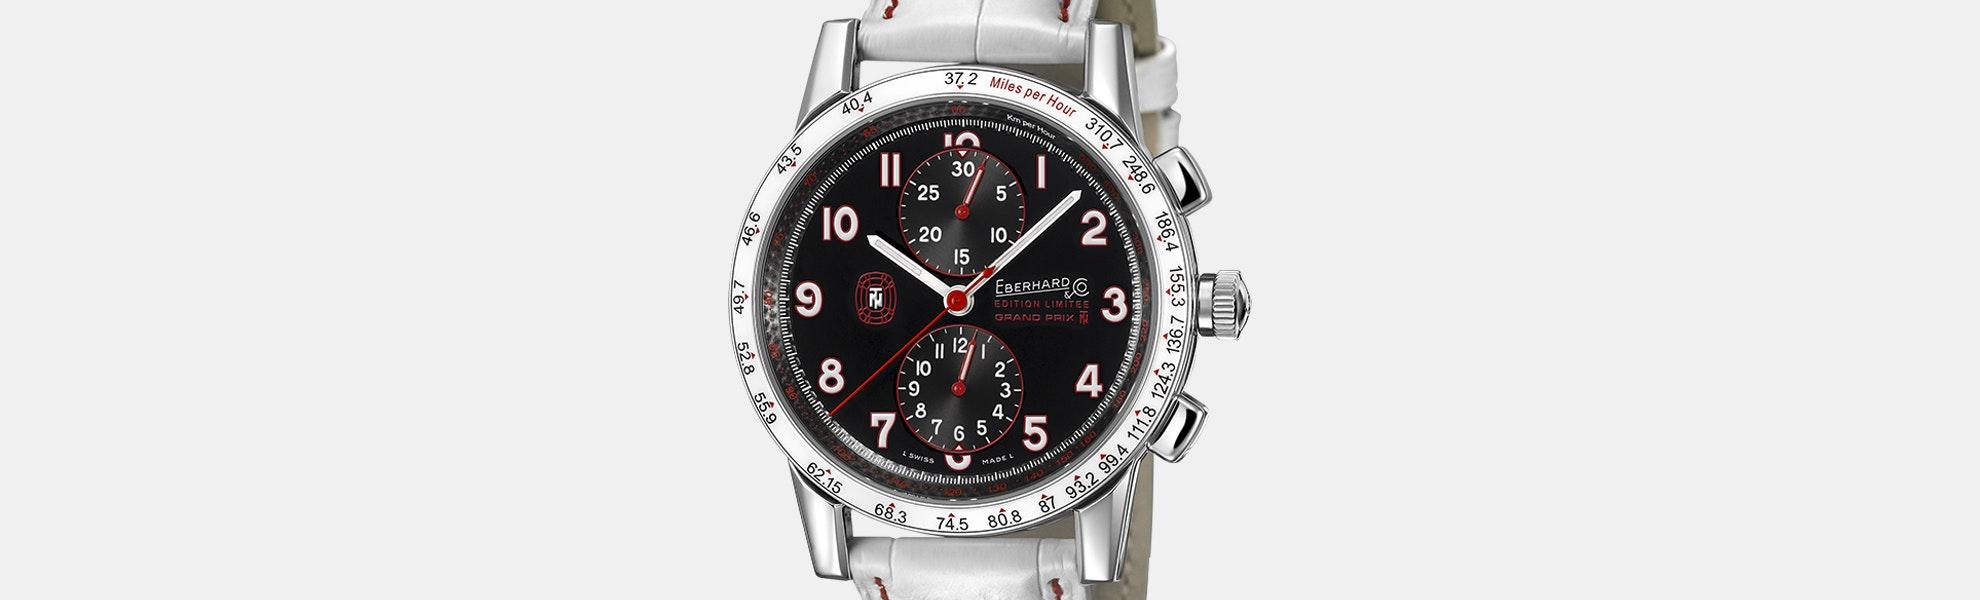 Eberhard & Co Tazio Nuvolari Ltd Ed Automatic Watch